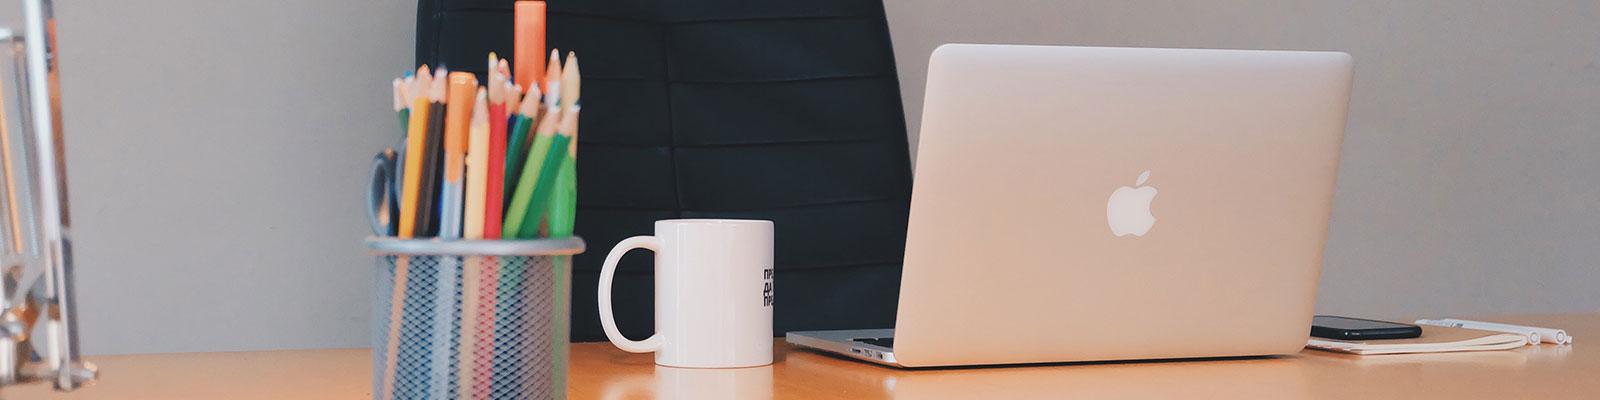 Finanzen Online